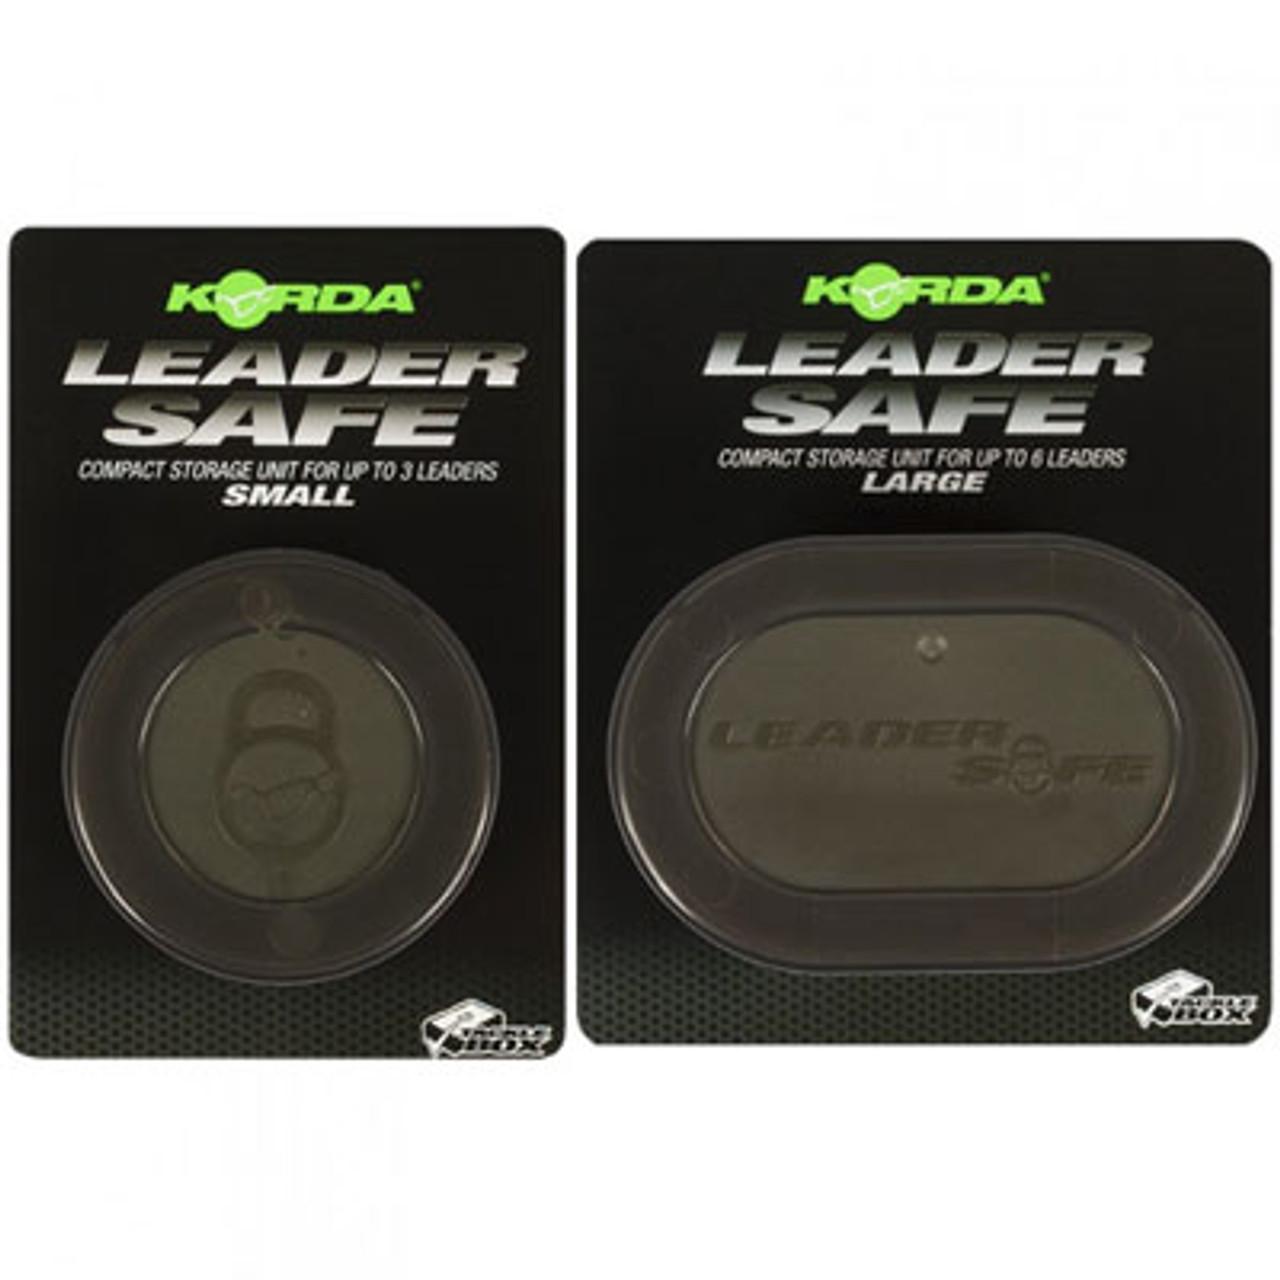 Korda Leader Safe